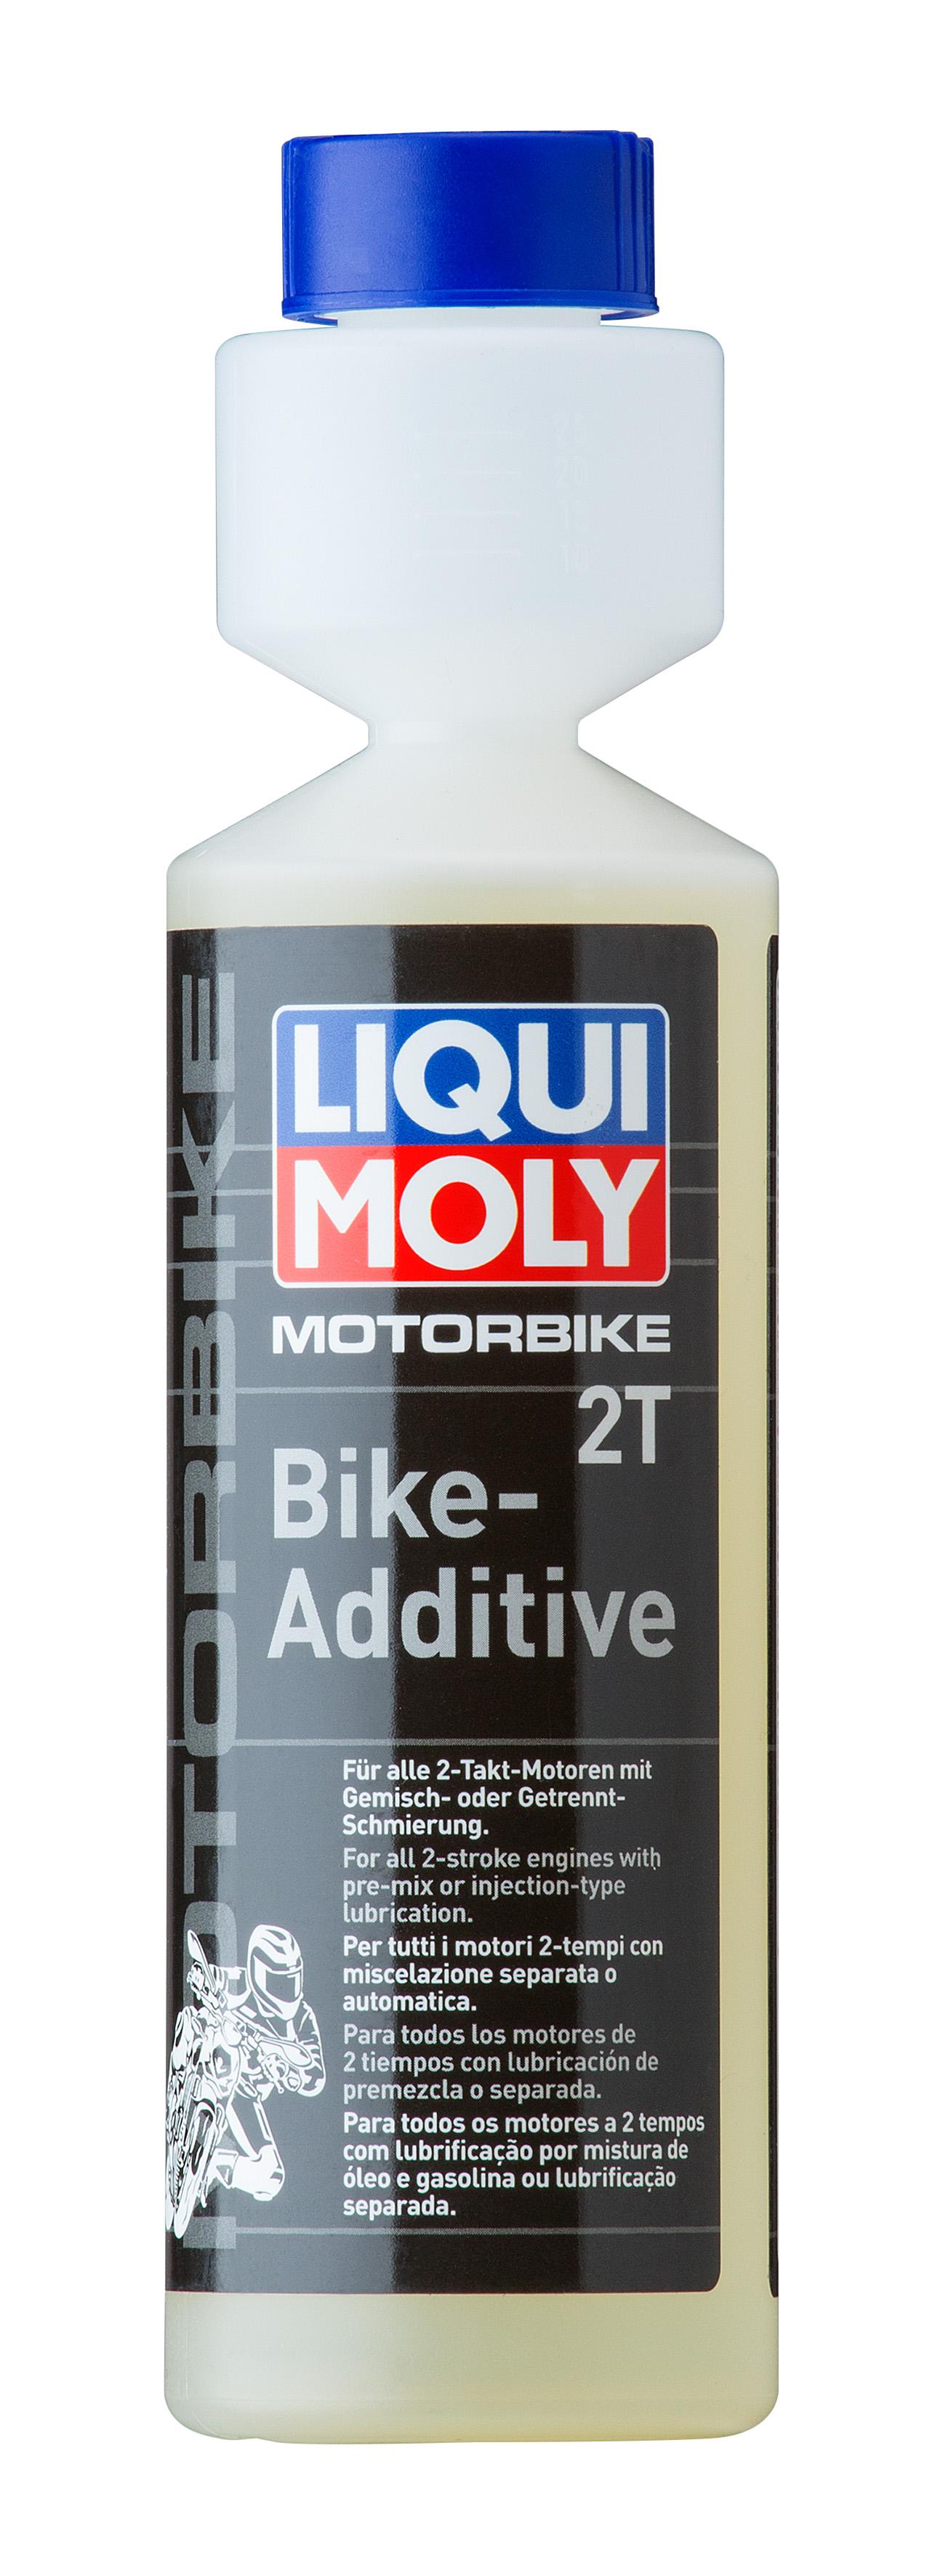 Присадка для 2-тактных мото двигателей Motorbike 2T-Bike-Additiv